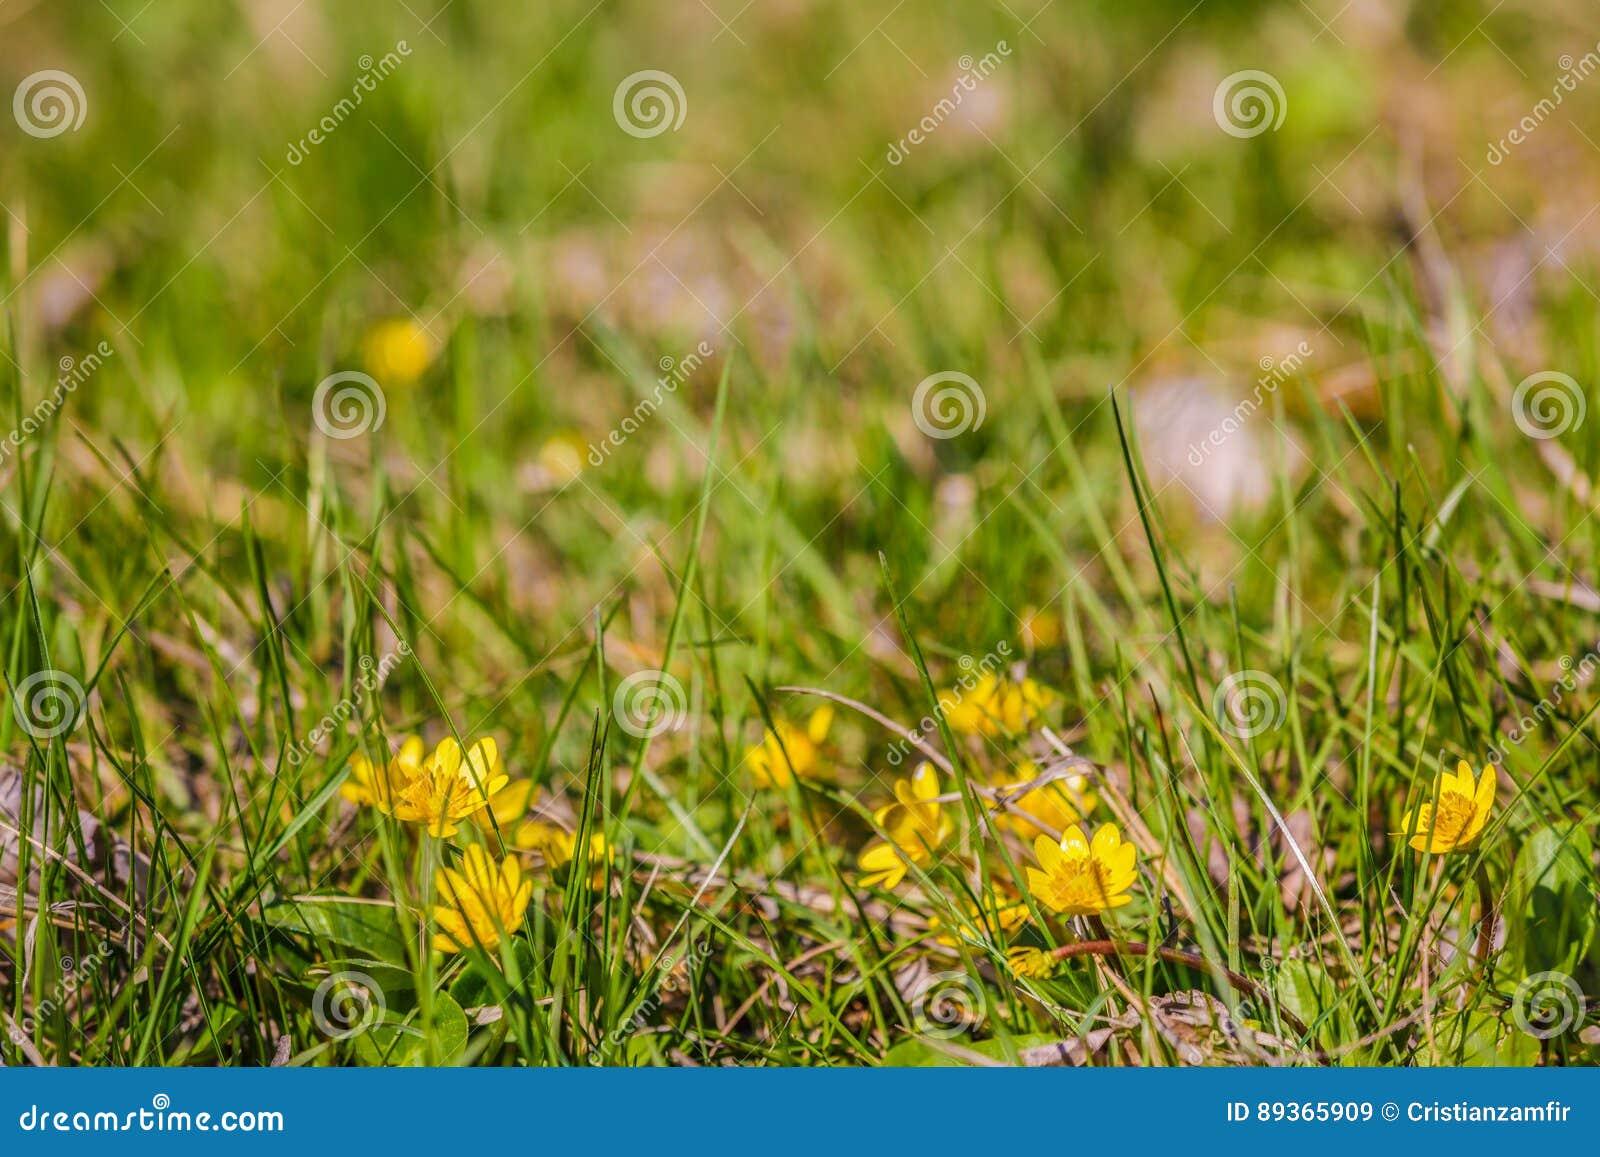 Afbeeldingen Gele Wilde Bloemen